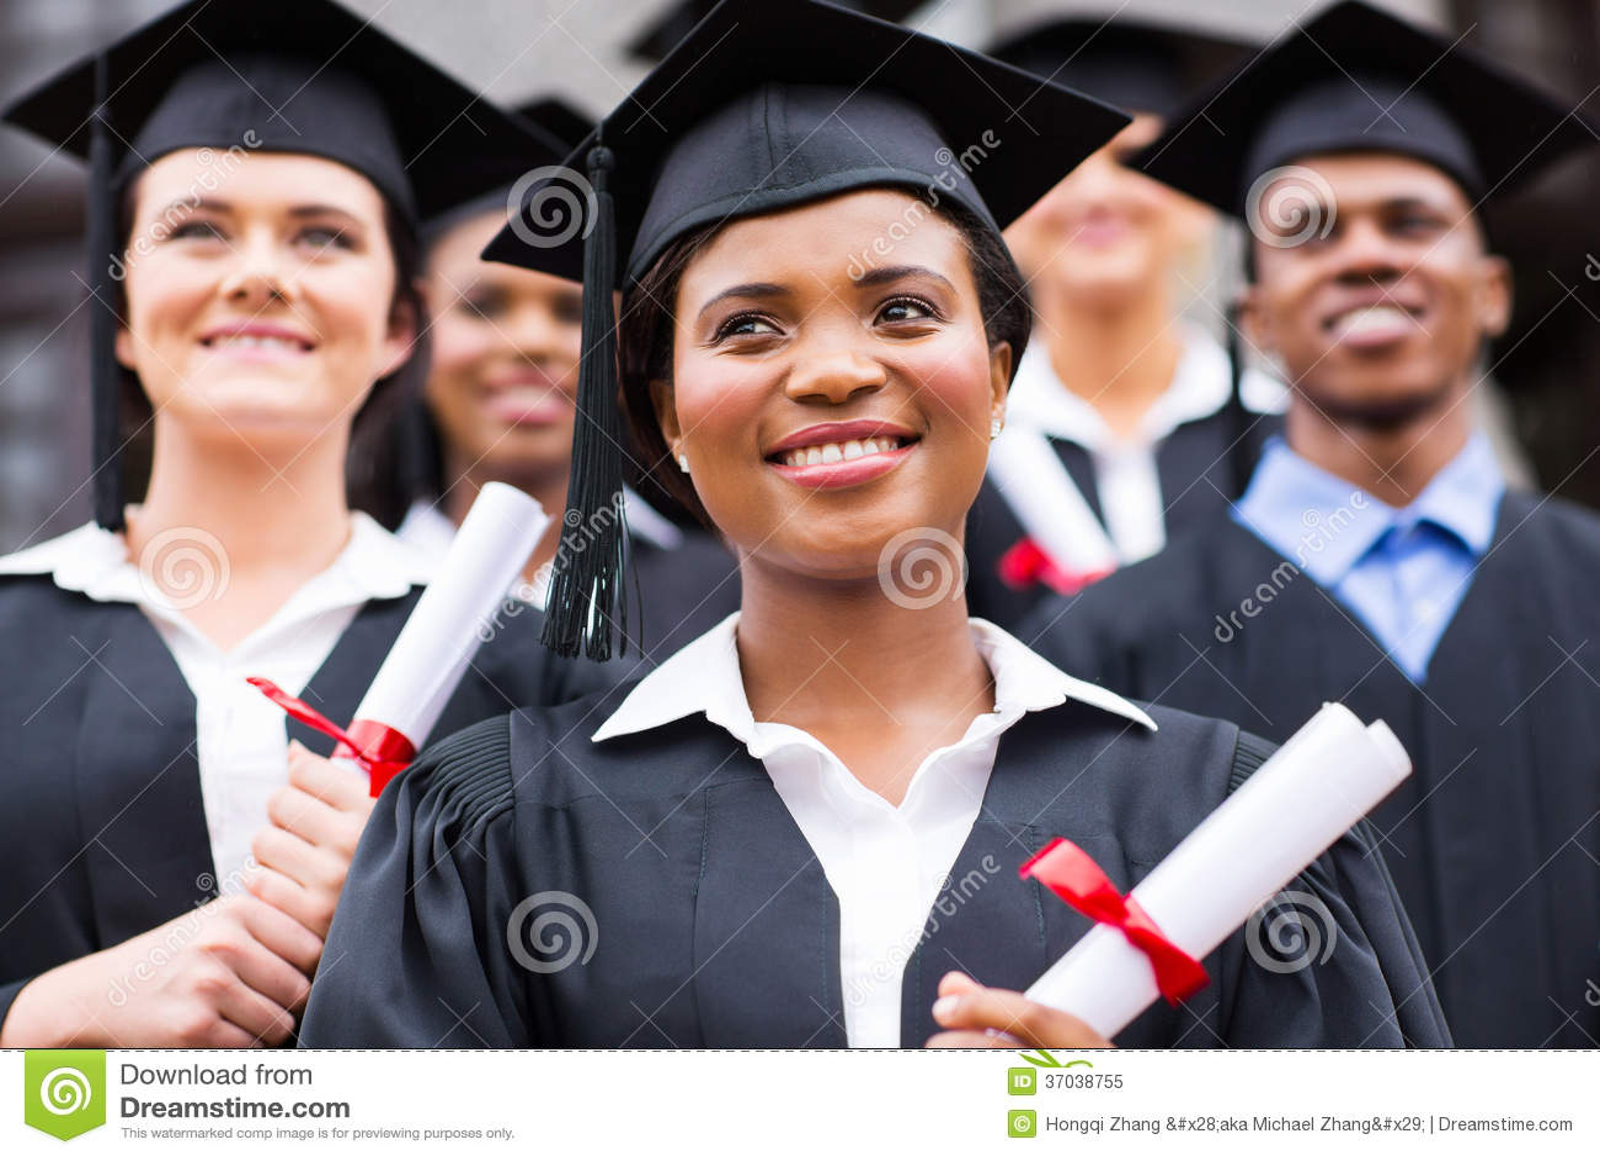 Αισιόδοξοι πανεπιστημιακοί πτυχιούχοι